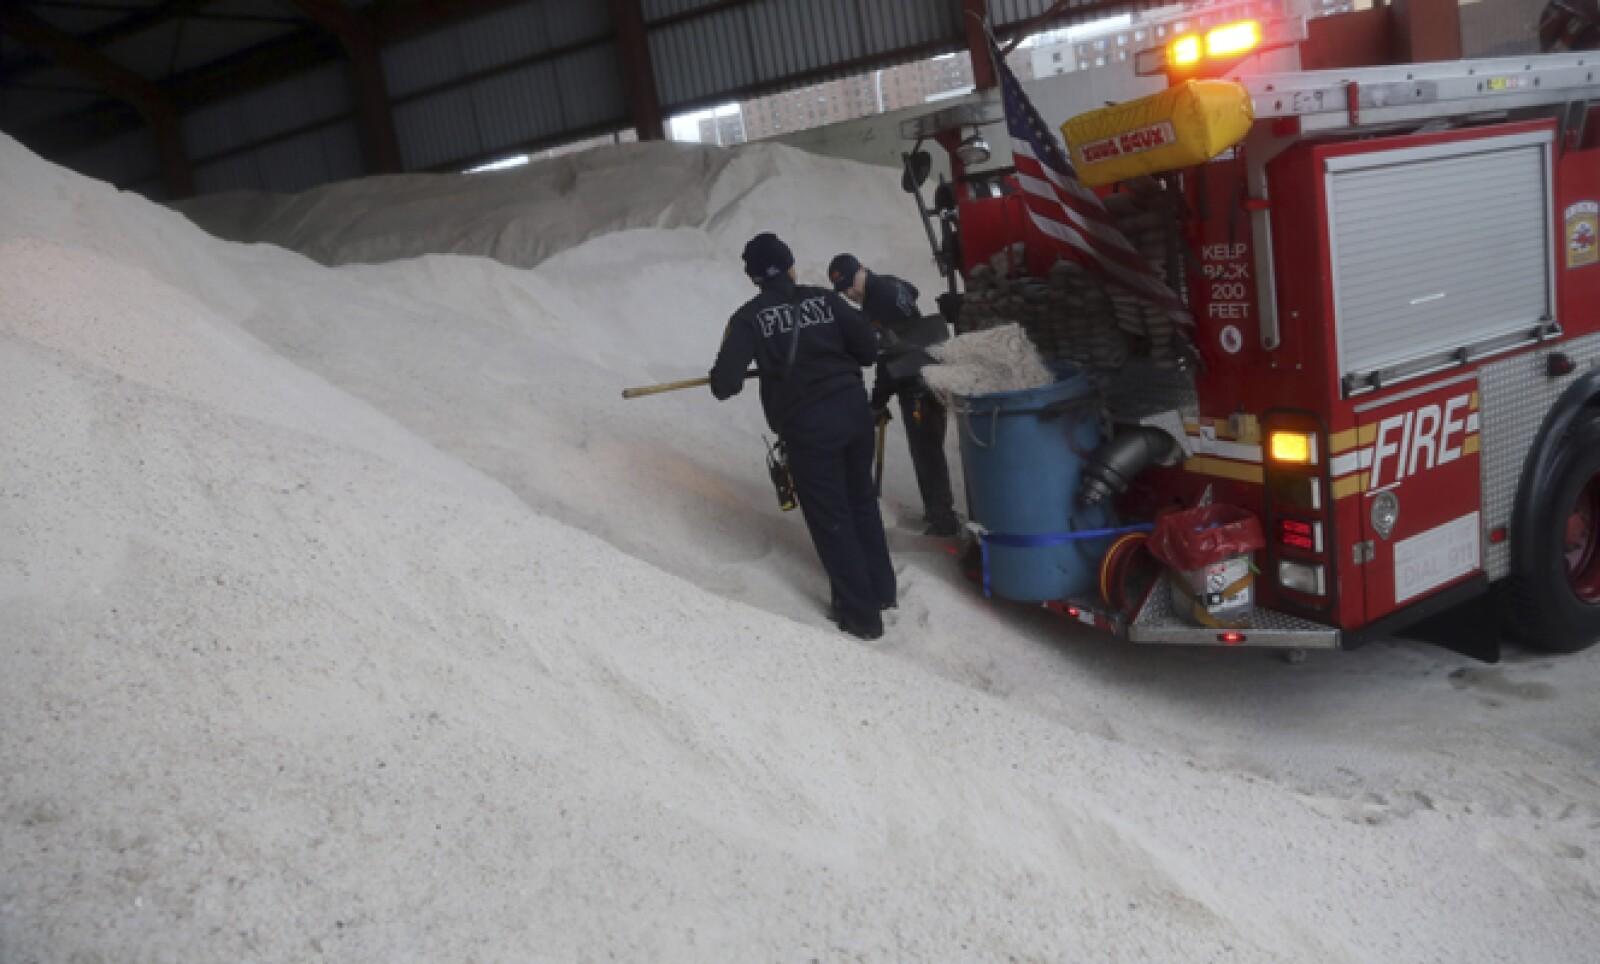 La acumulación de nieve fue muy rápida, lo que puede resultar peligroso. Bomberos de Nueva York cargan sal en un contenedor, misma que usan para derretir la nieve.